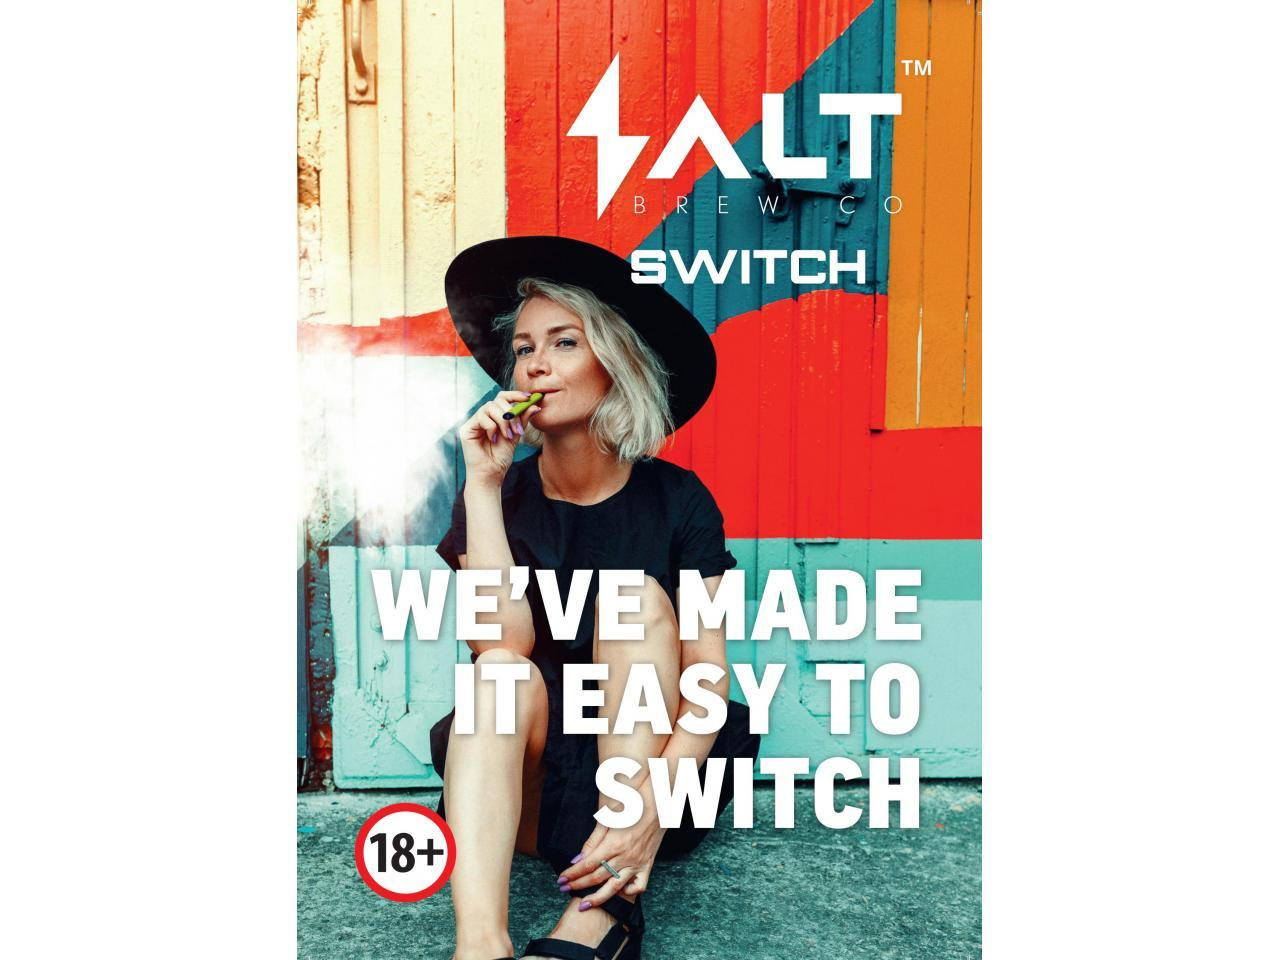 распространение и продажa новых одноразовых вейпов «salt switch». - 1